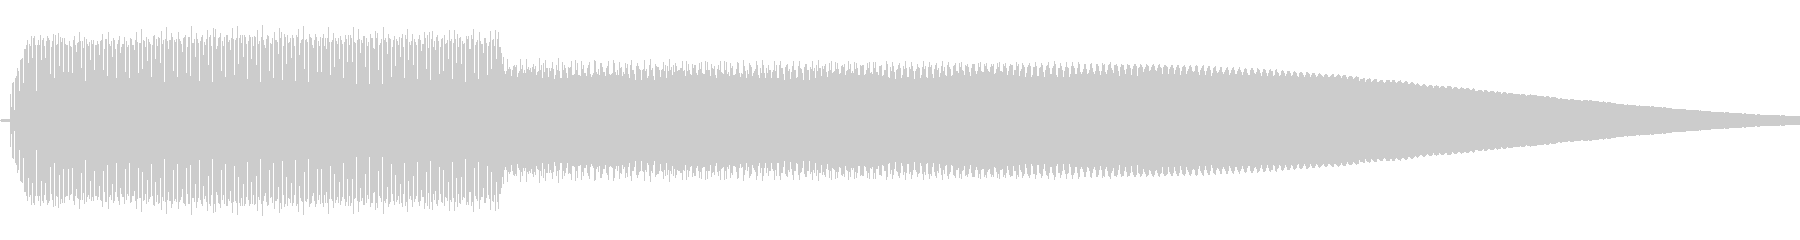 ピコッ(シンプル/決定音/単音)の未再生の波形